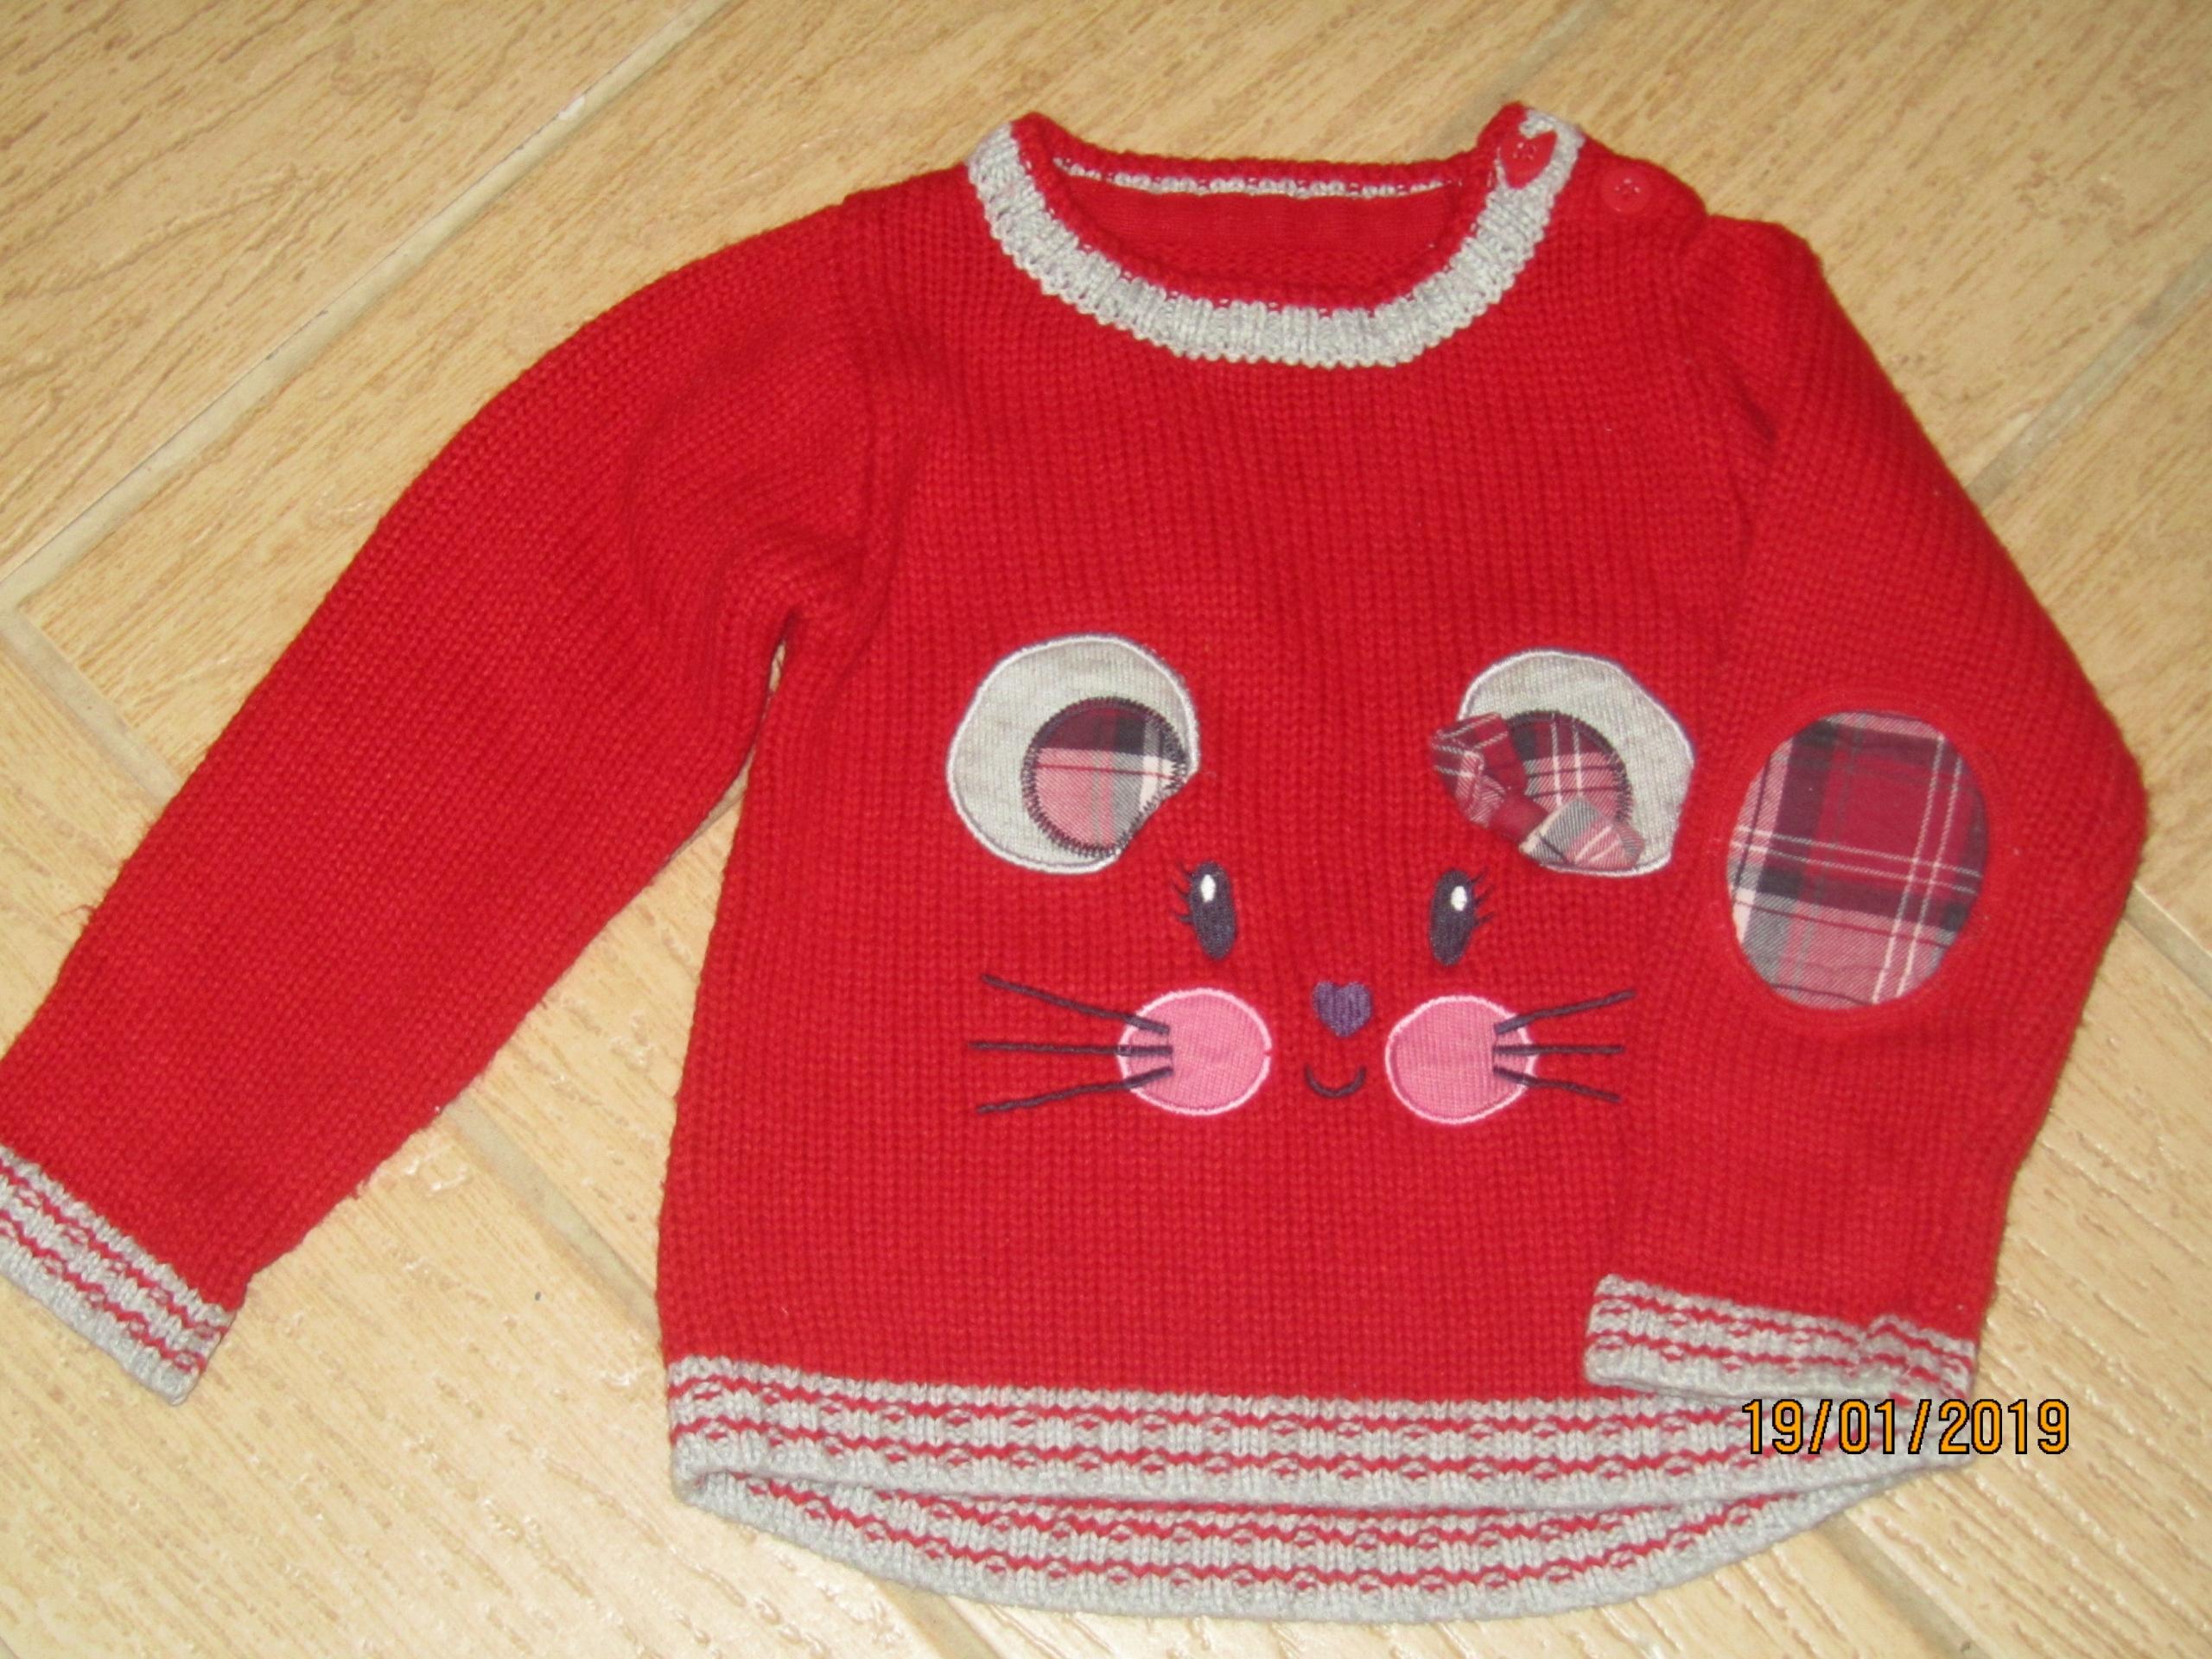 Sweterek czerwony kotek 86/92 bdb George